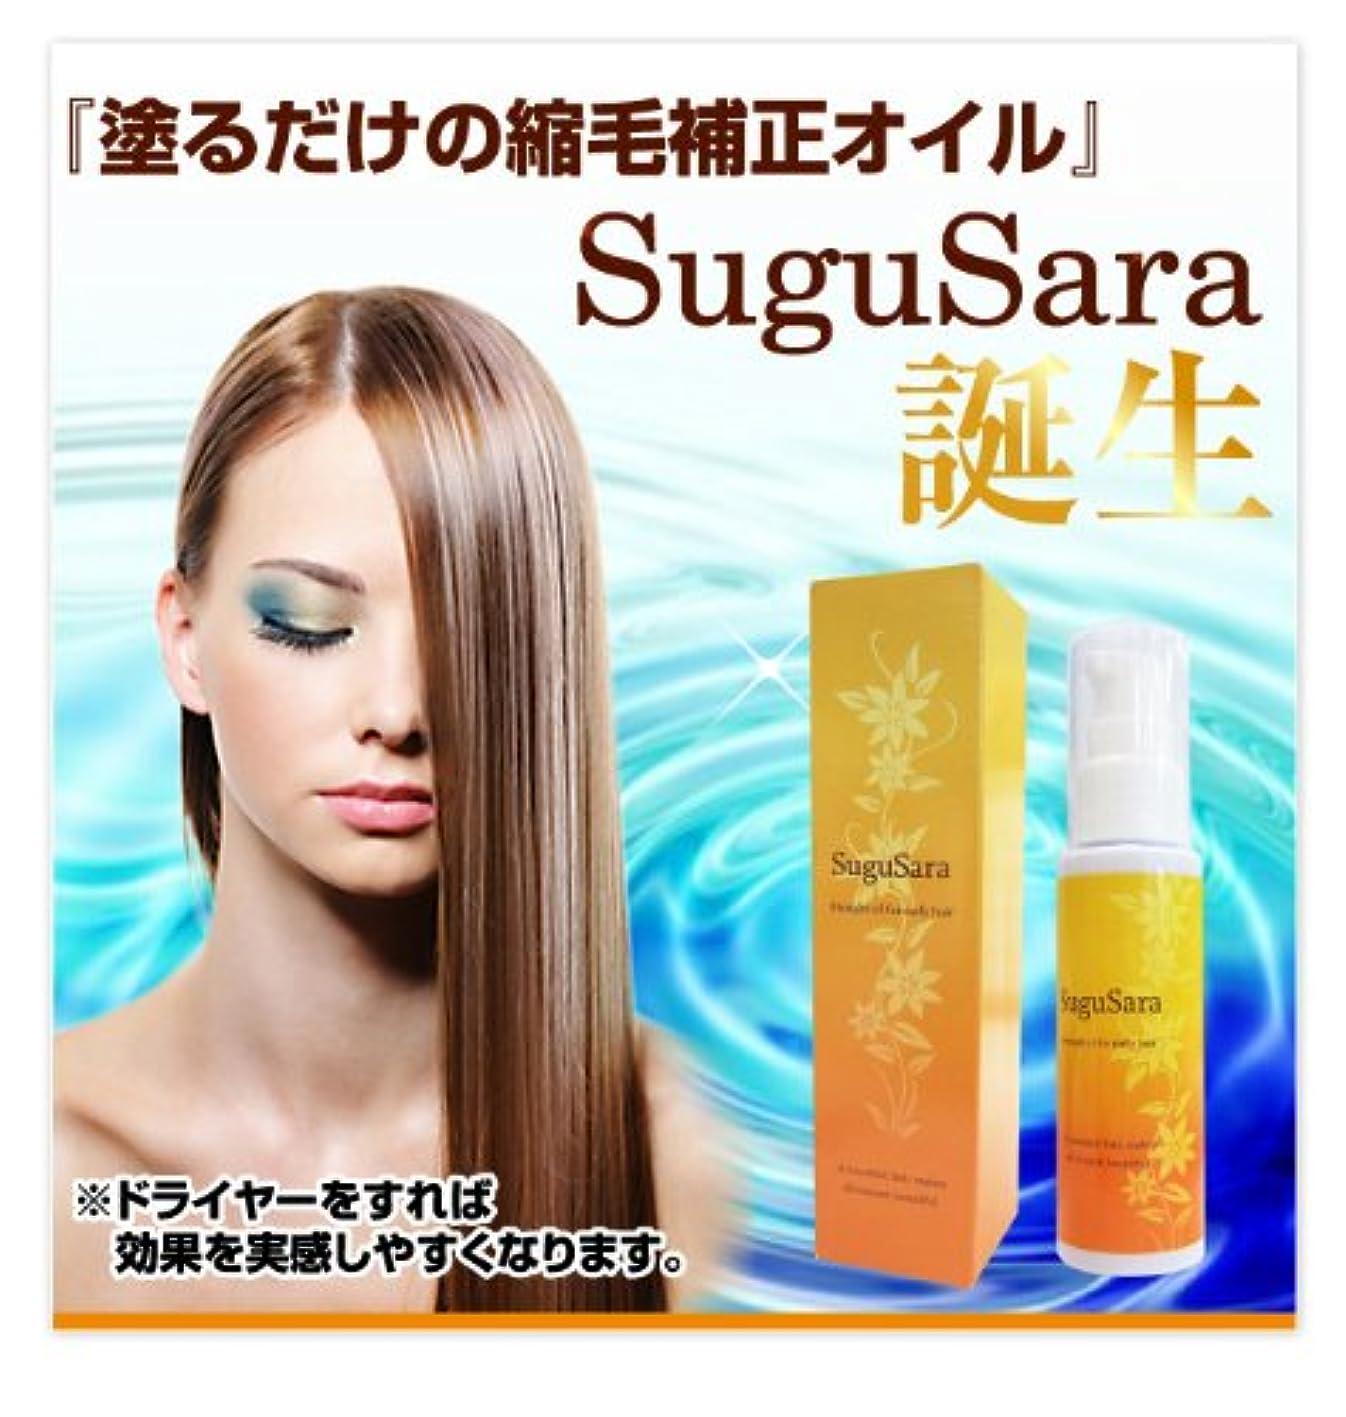 餌いろいろインフラsugu sara(スグサラ) 50mL